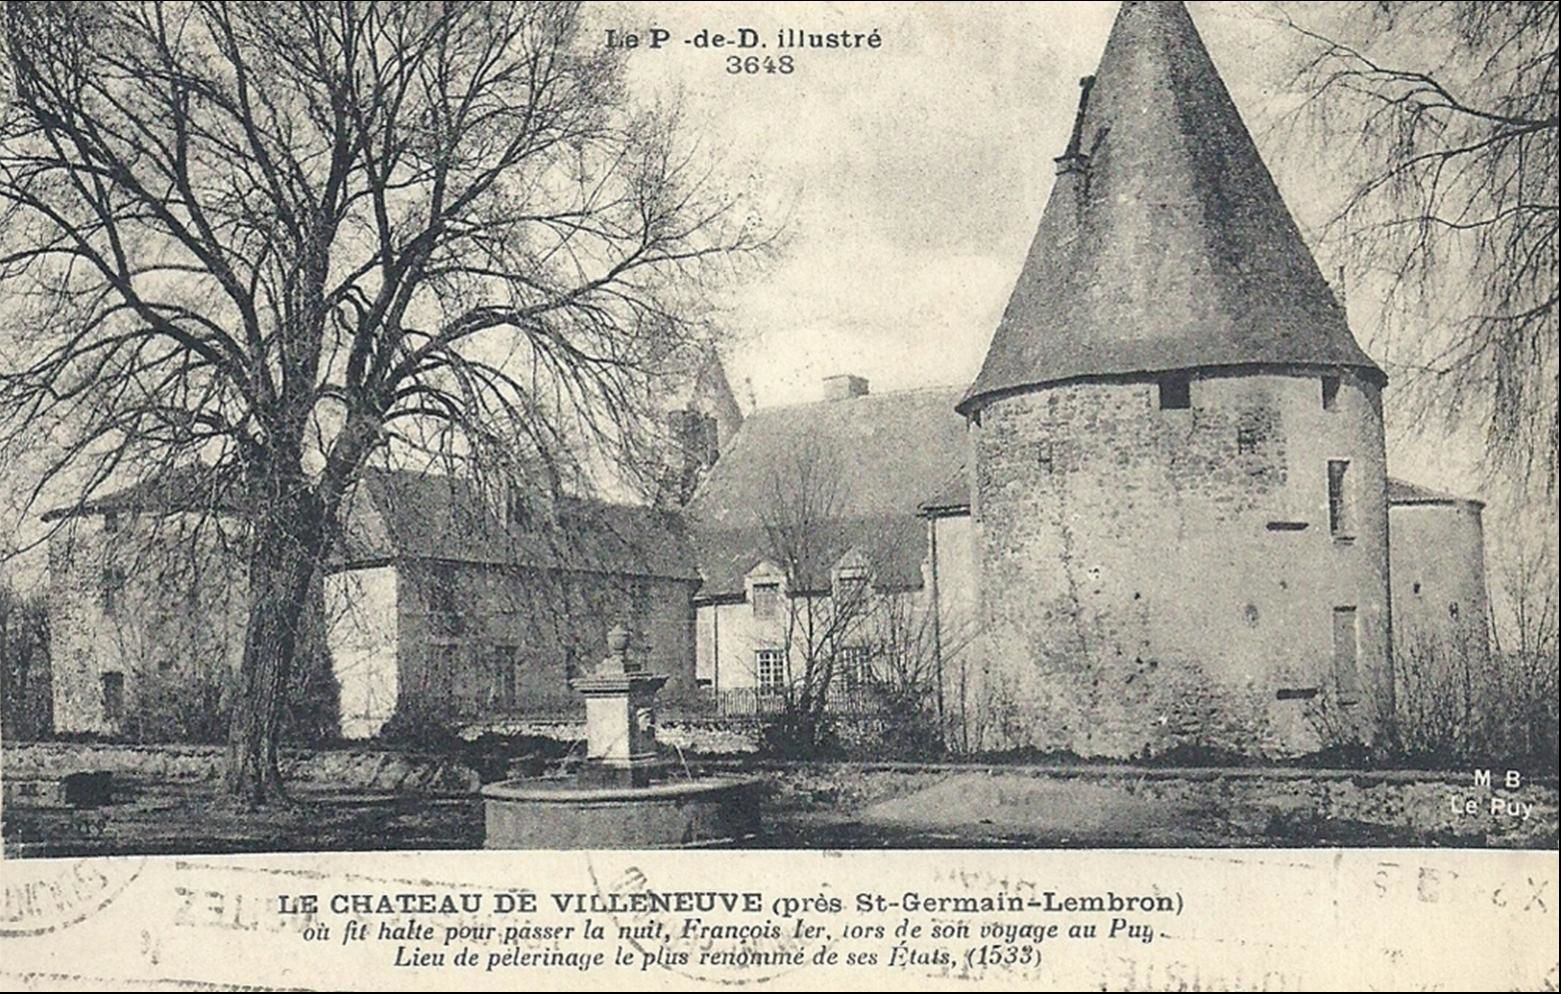 Le Chateau de Villeneuve Lembron